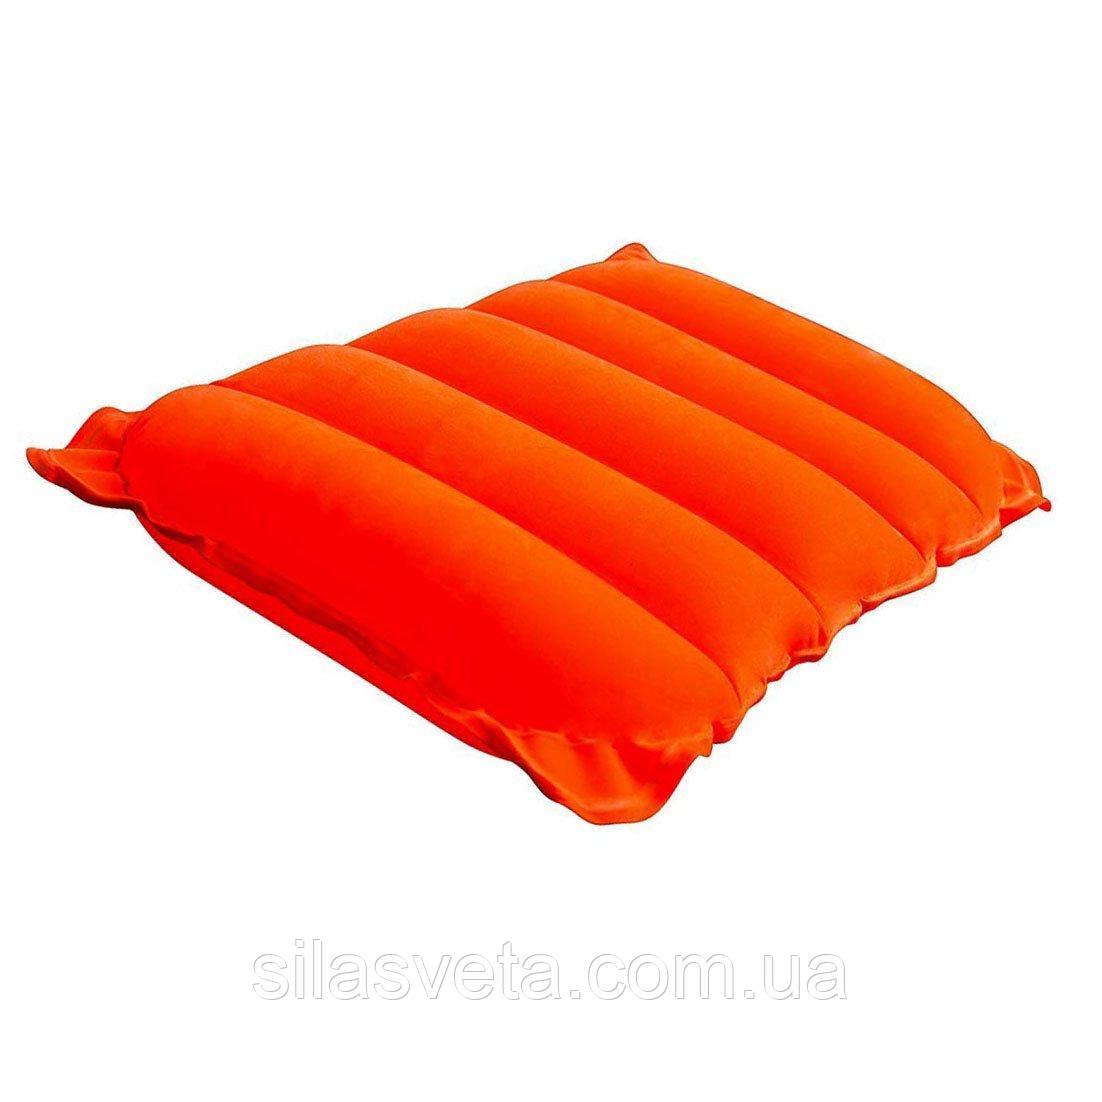 Надувная подушка Bestway 67485 Flocked Air Travel серия Air Accessories (38х24х9 см.)